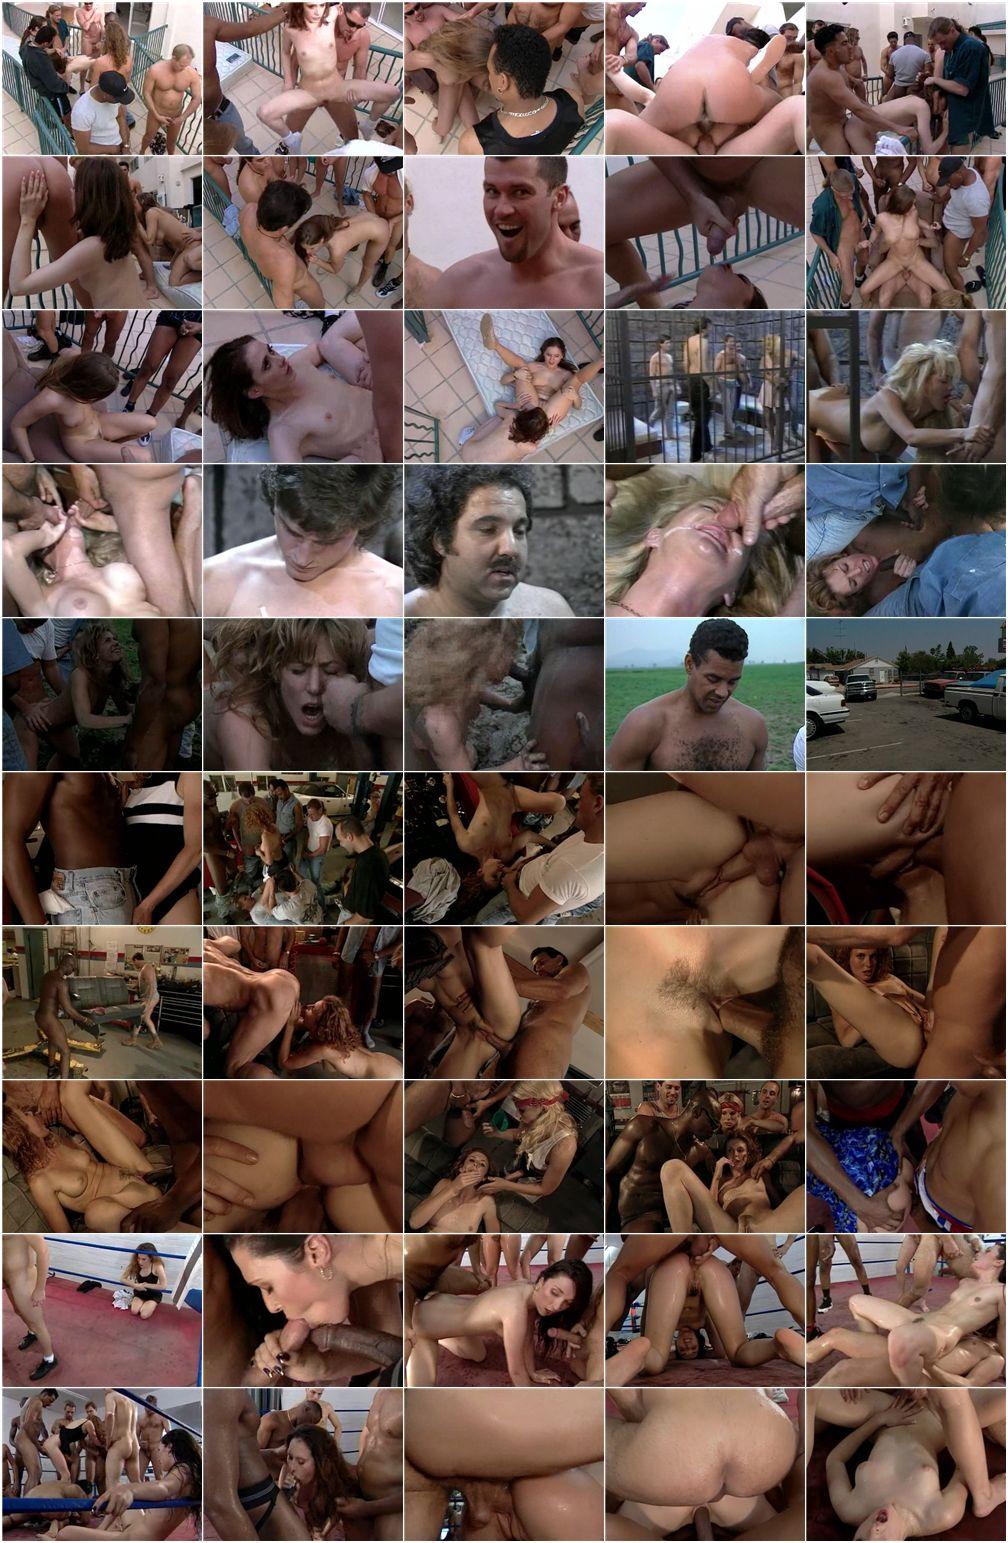 Видео сама разрешенное французское порно кино